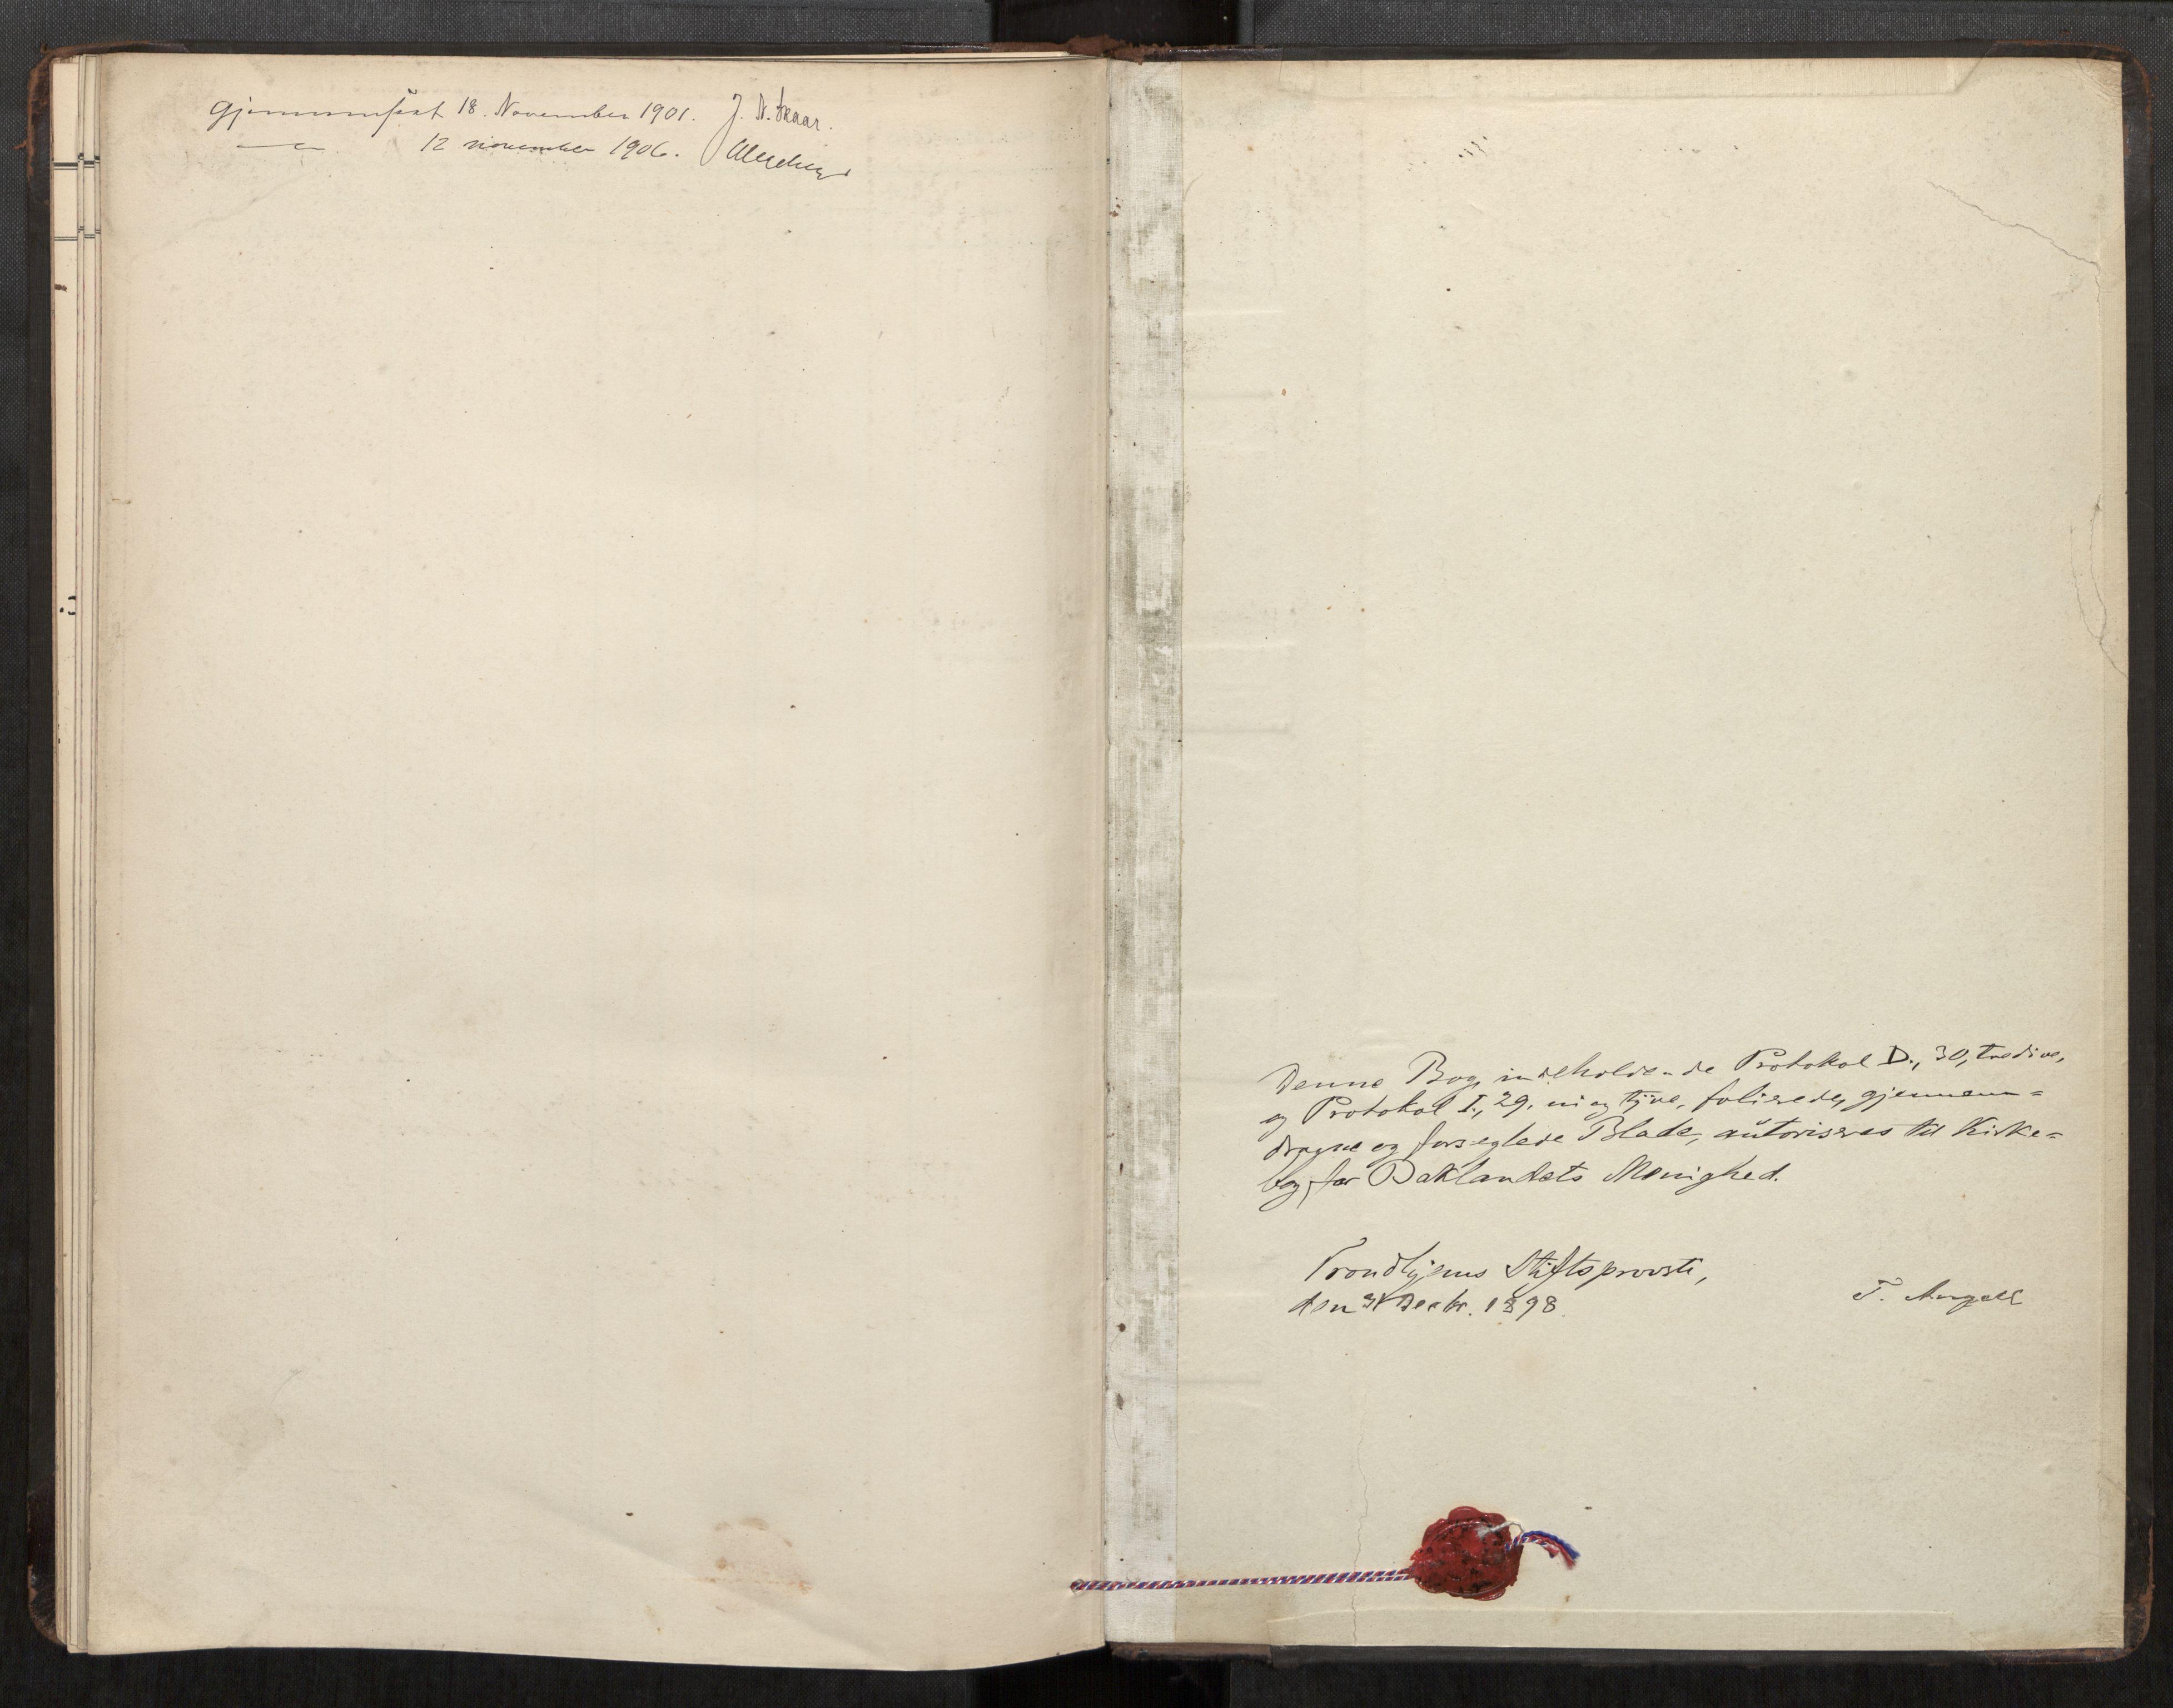 SAT, Bakklandet sokneprestkontor, Parish register (official) no. 604A31, 1899-1920